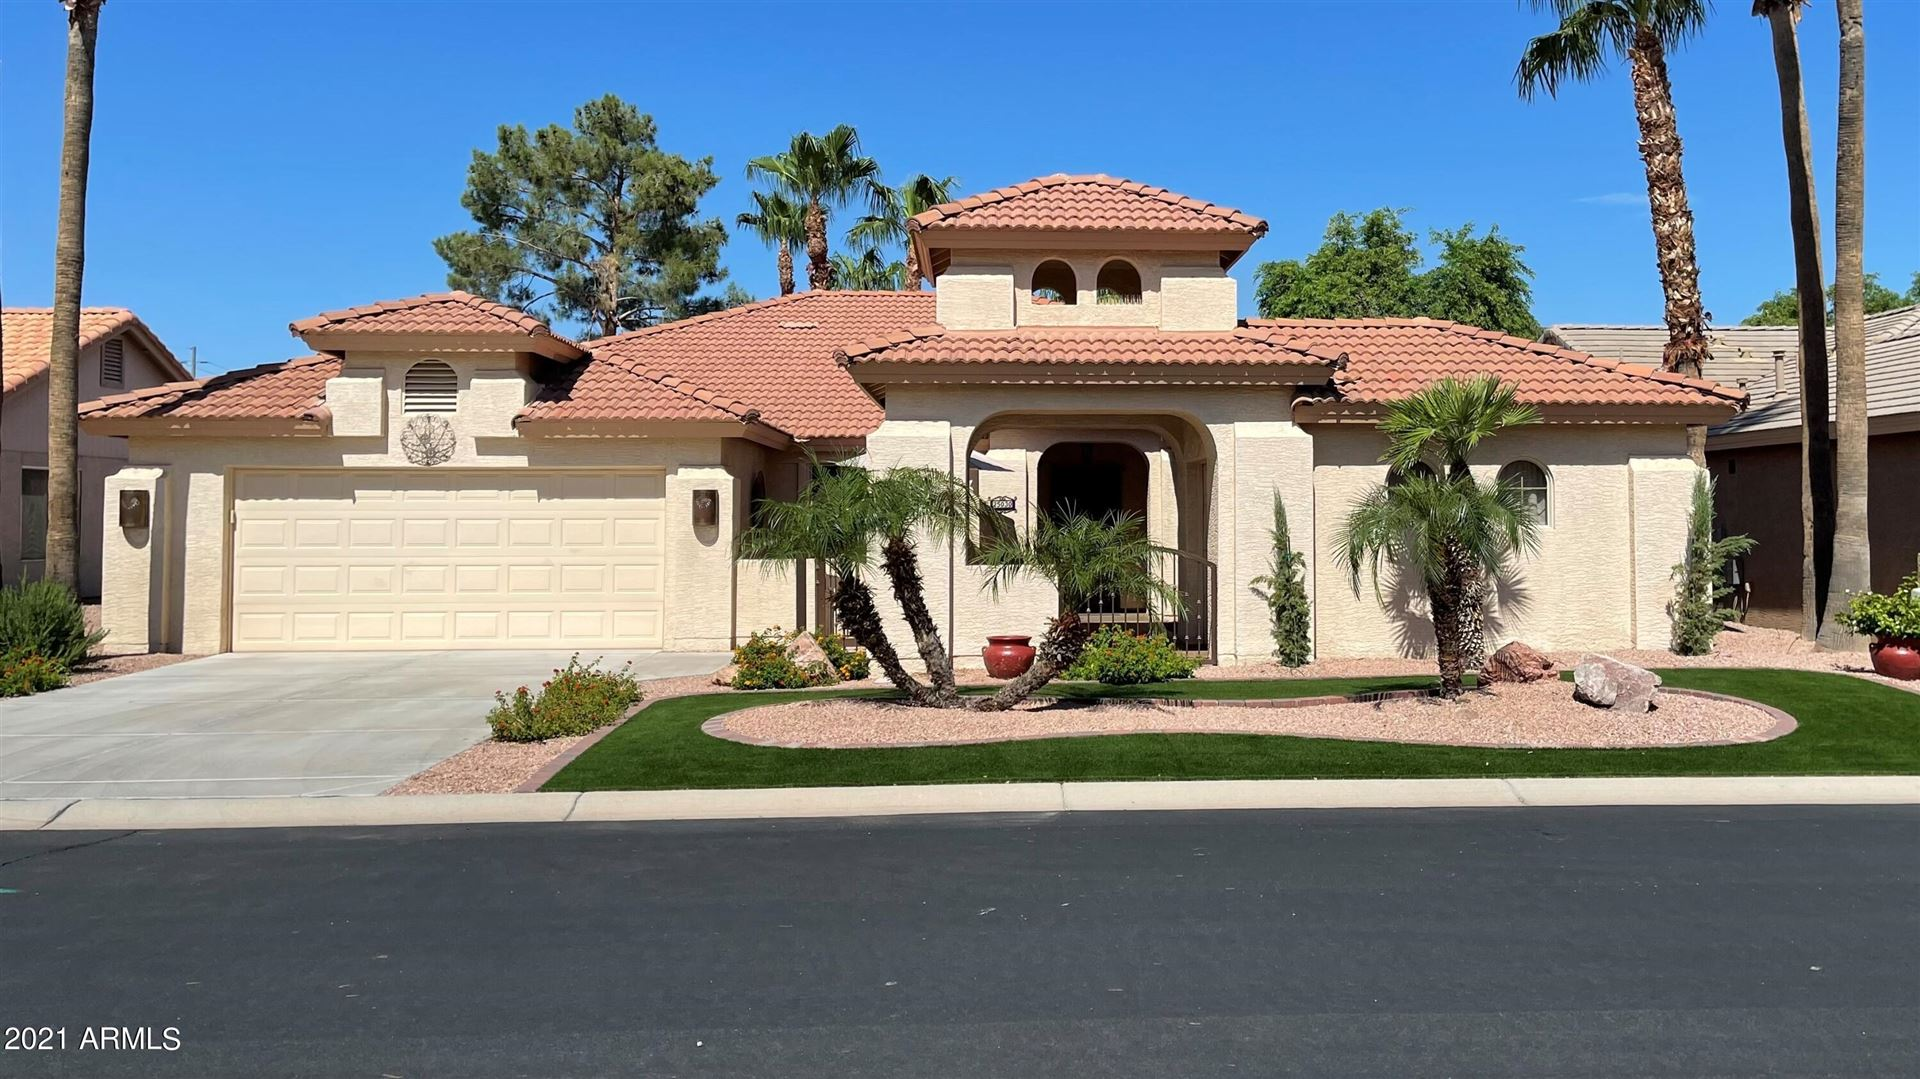 Photo of 25030 S ANGORA Court, Sun Lakes, AZ 85248 (MLS # 6272519)